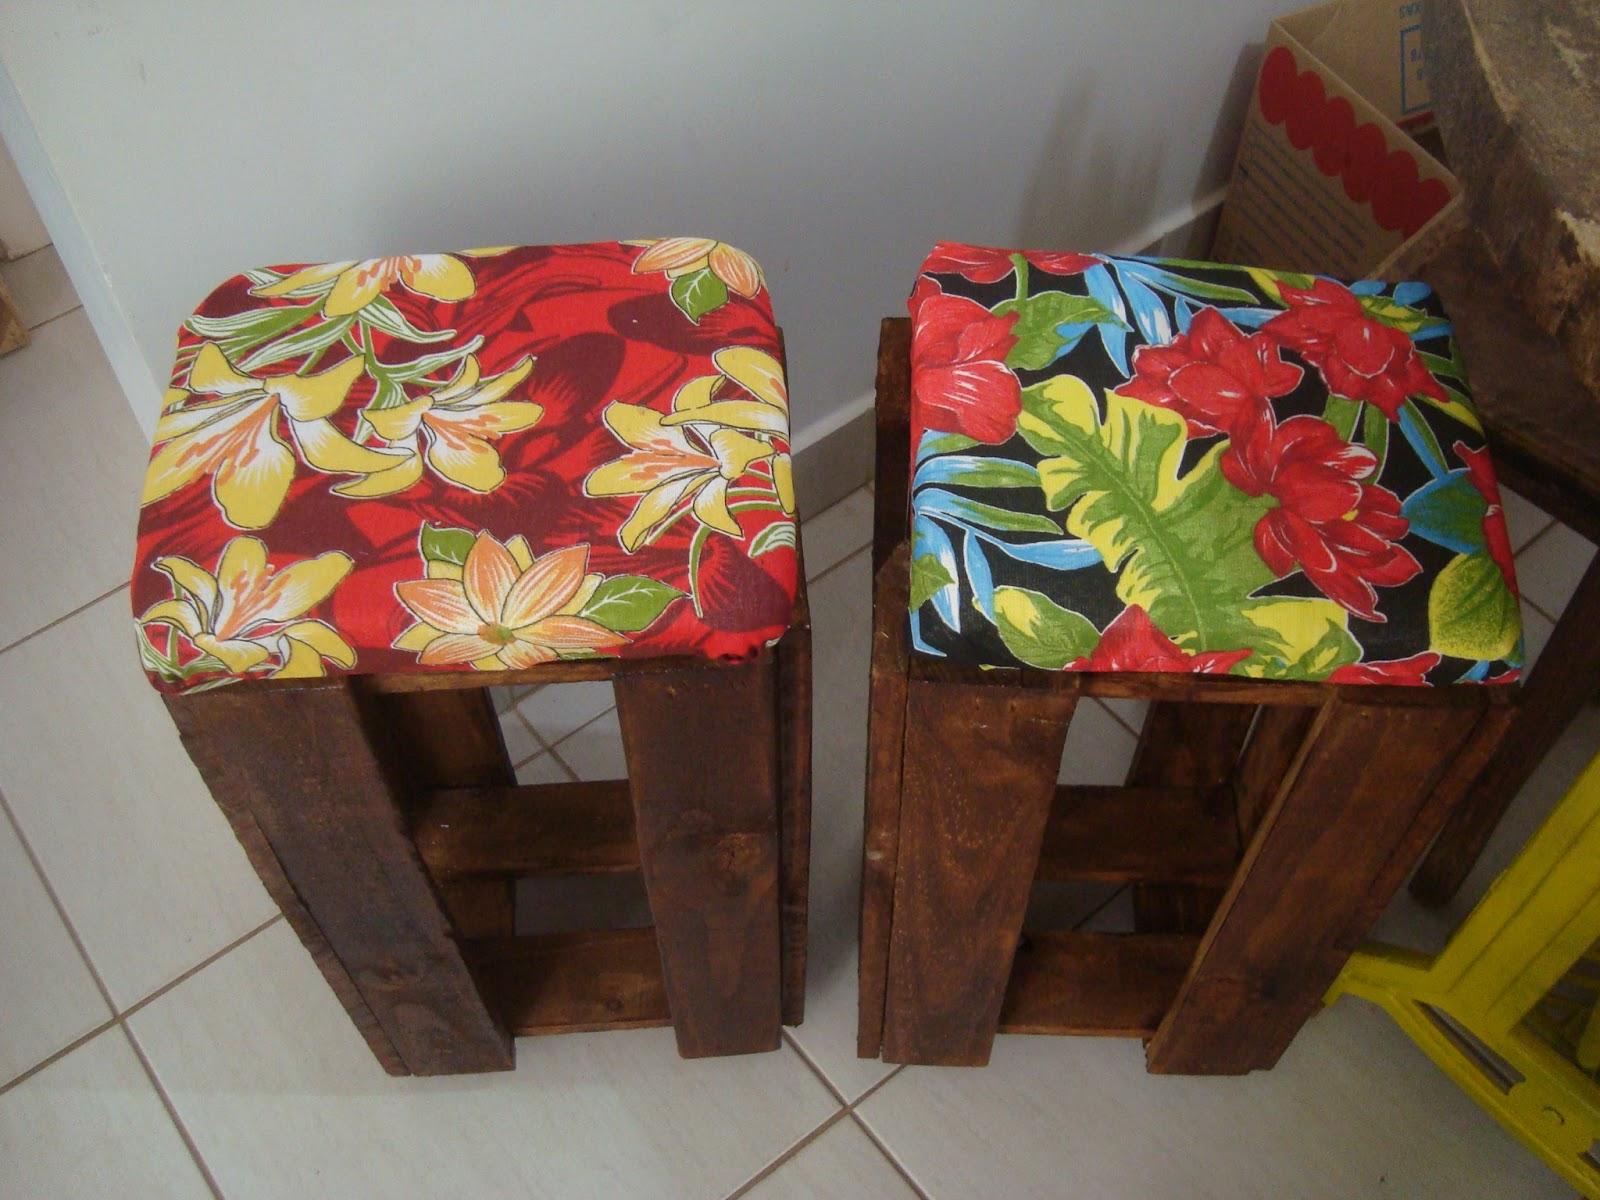 #9F2C2C Rosa Luiza Artes e Gostosuras: Caixotes que viraram bancos estilosos  1600x1200 px como fazer mesa de madeira que vira banco @ bernauer.info Móveis Antigos Novos E Usados Online